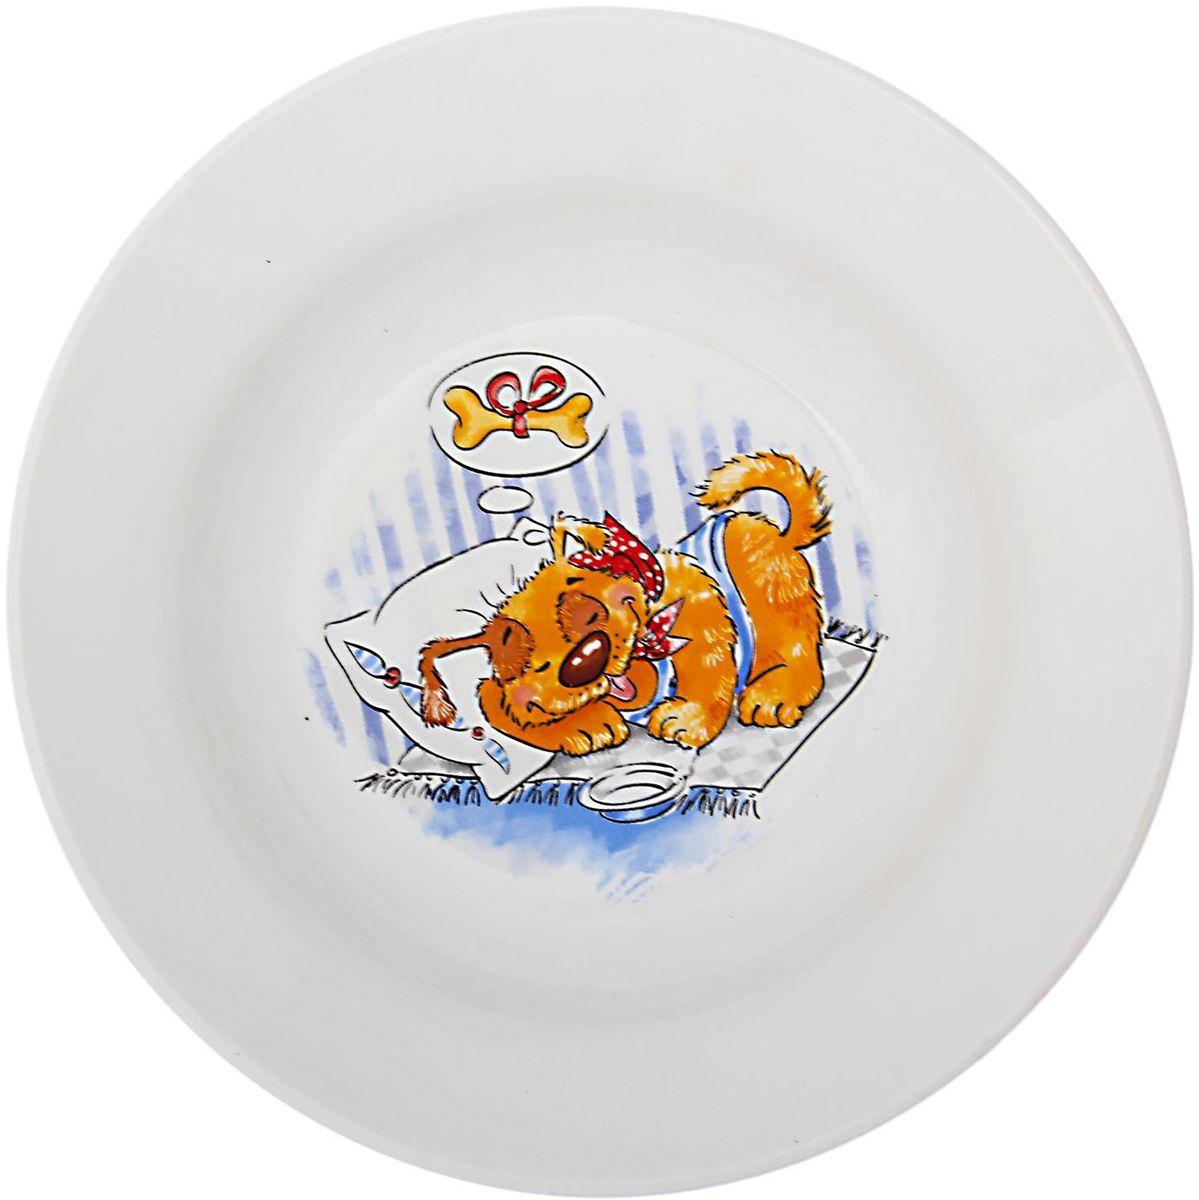 Кубаньфарфор Тарелка детская Дружок 14949171494917Фаянсовая детская посуда с забавным рисунком понравится каждому малышу. Изделие из качественного материала станет правильным выбором для повседневной эксплуатации и поможет превратить каждый прием пищи в радостное приключение.Особенности:- простота мойки,- стойкость к запахам,- насыщенный цвет.